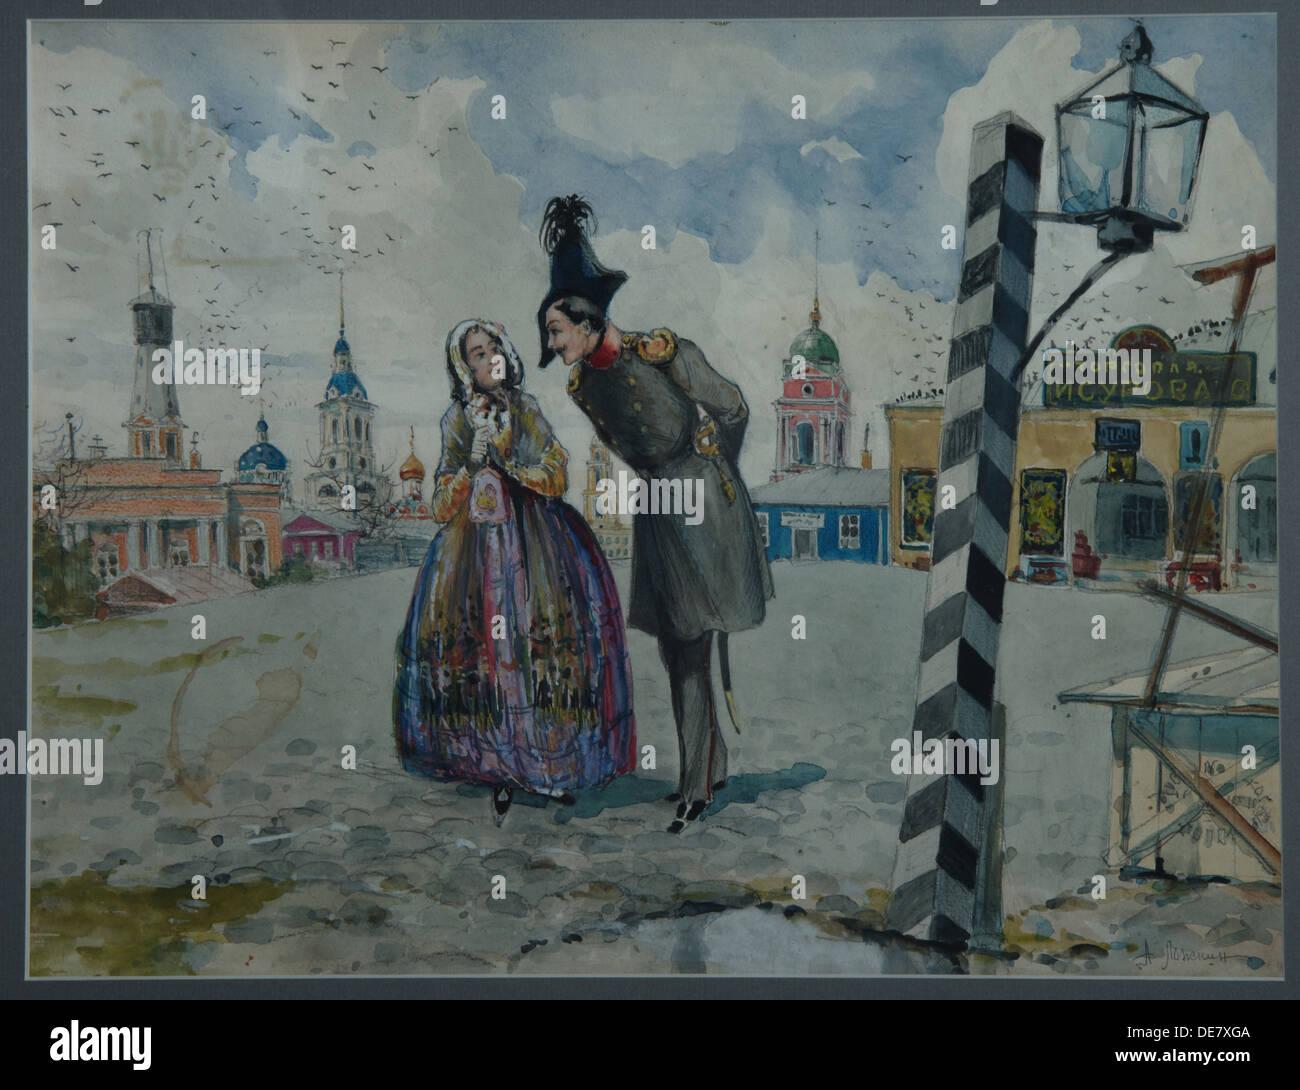 Dans la province, des années 1900. Artiste: Lozhkin, A.V. (Active au début du 20e cen.) Photo Stock